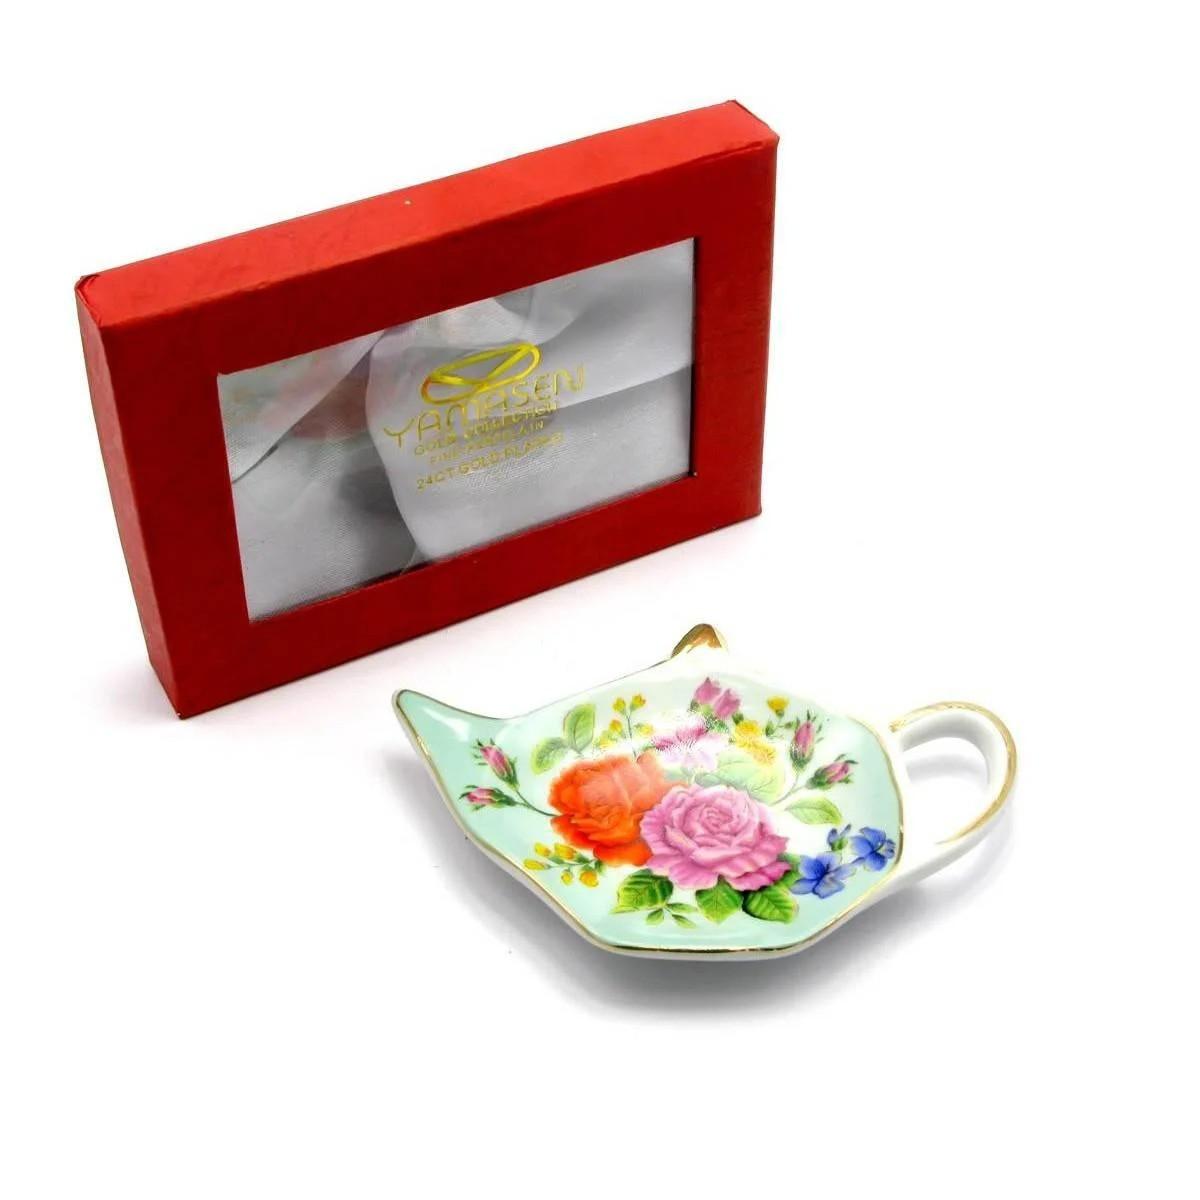 Подставка для чайных пакетиков фарфоровая Цветочная фантазия